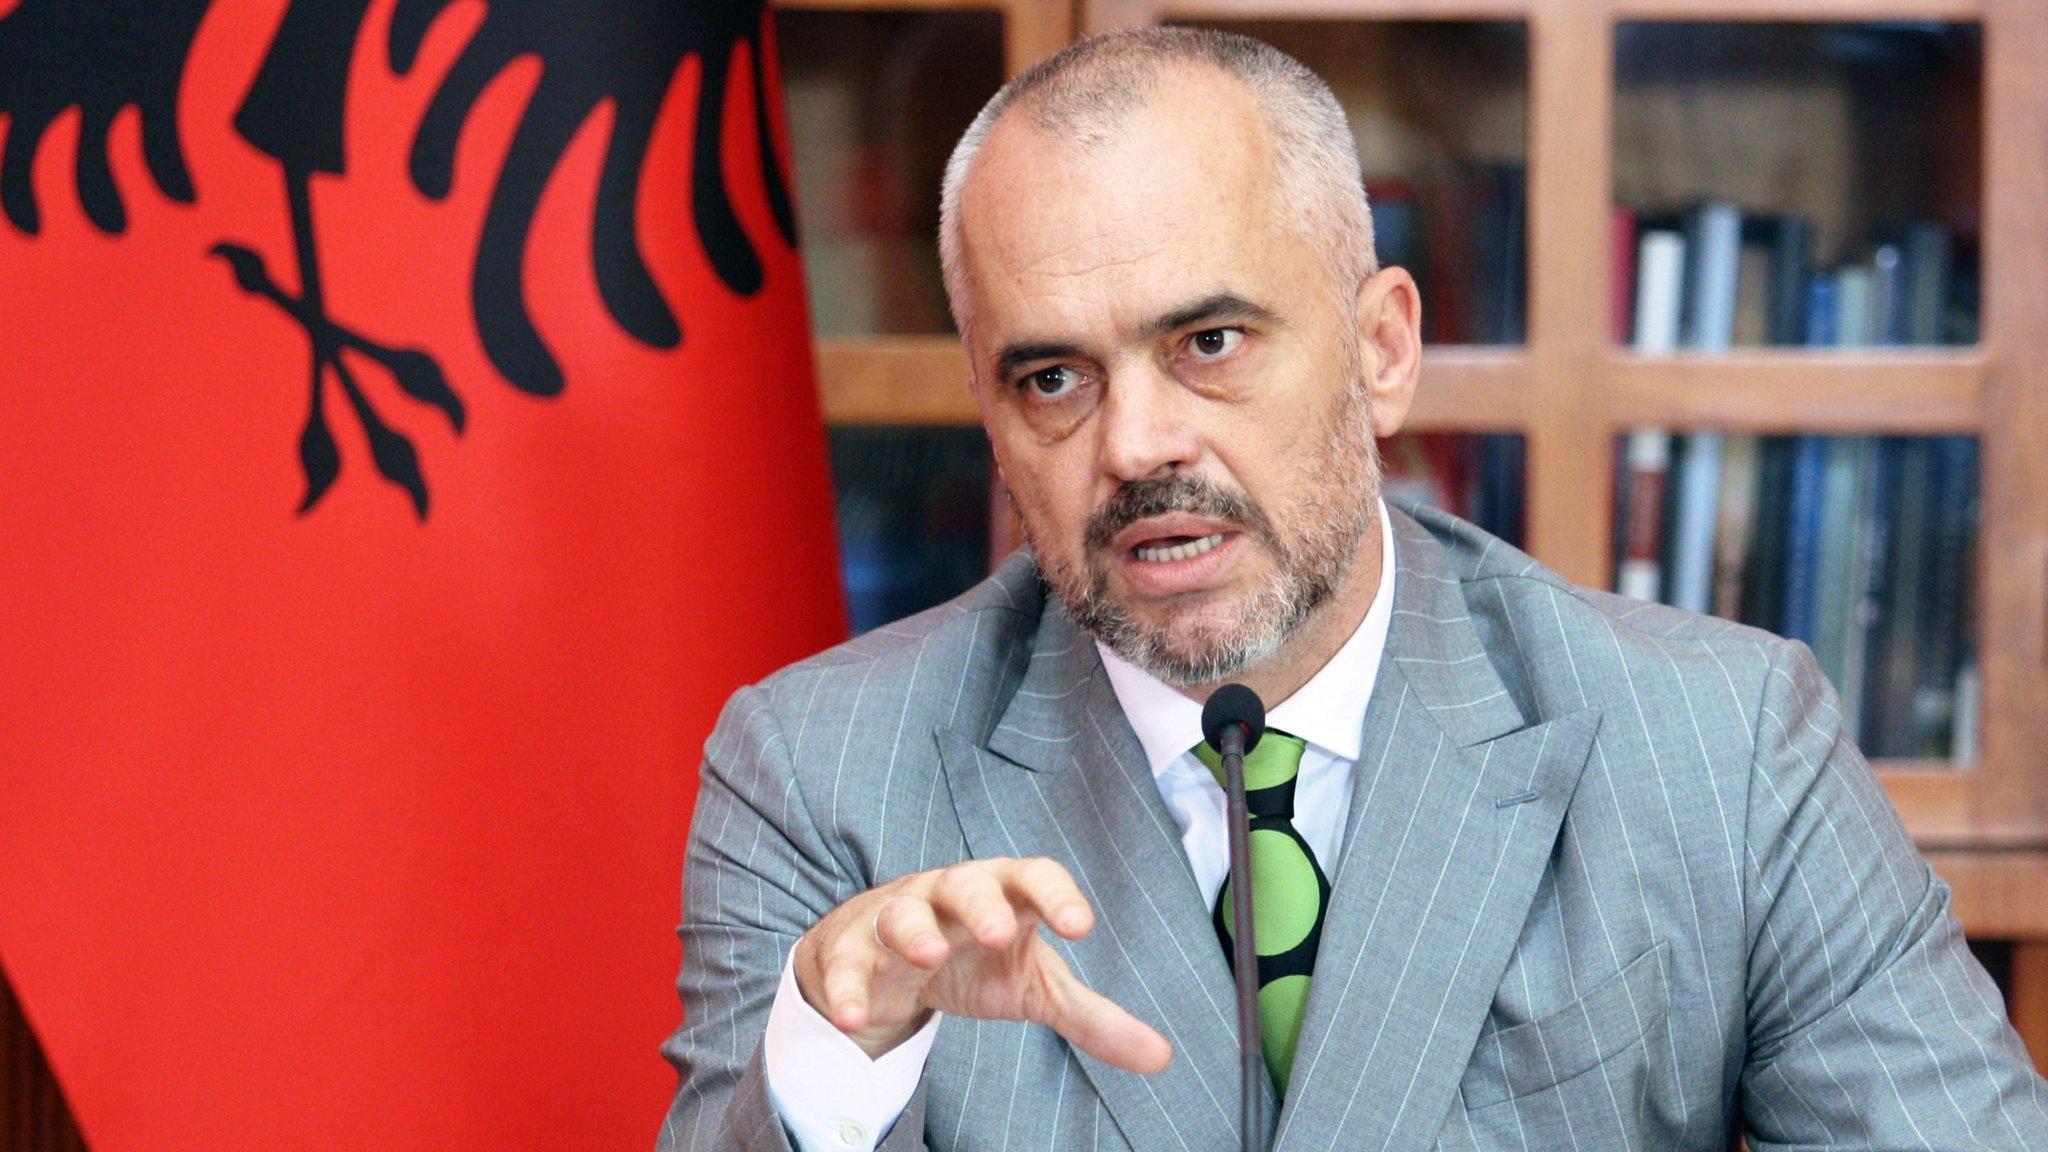 Albanski premijer kaže da je otvoren za dijalog s opozicijom